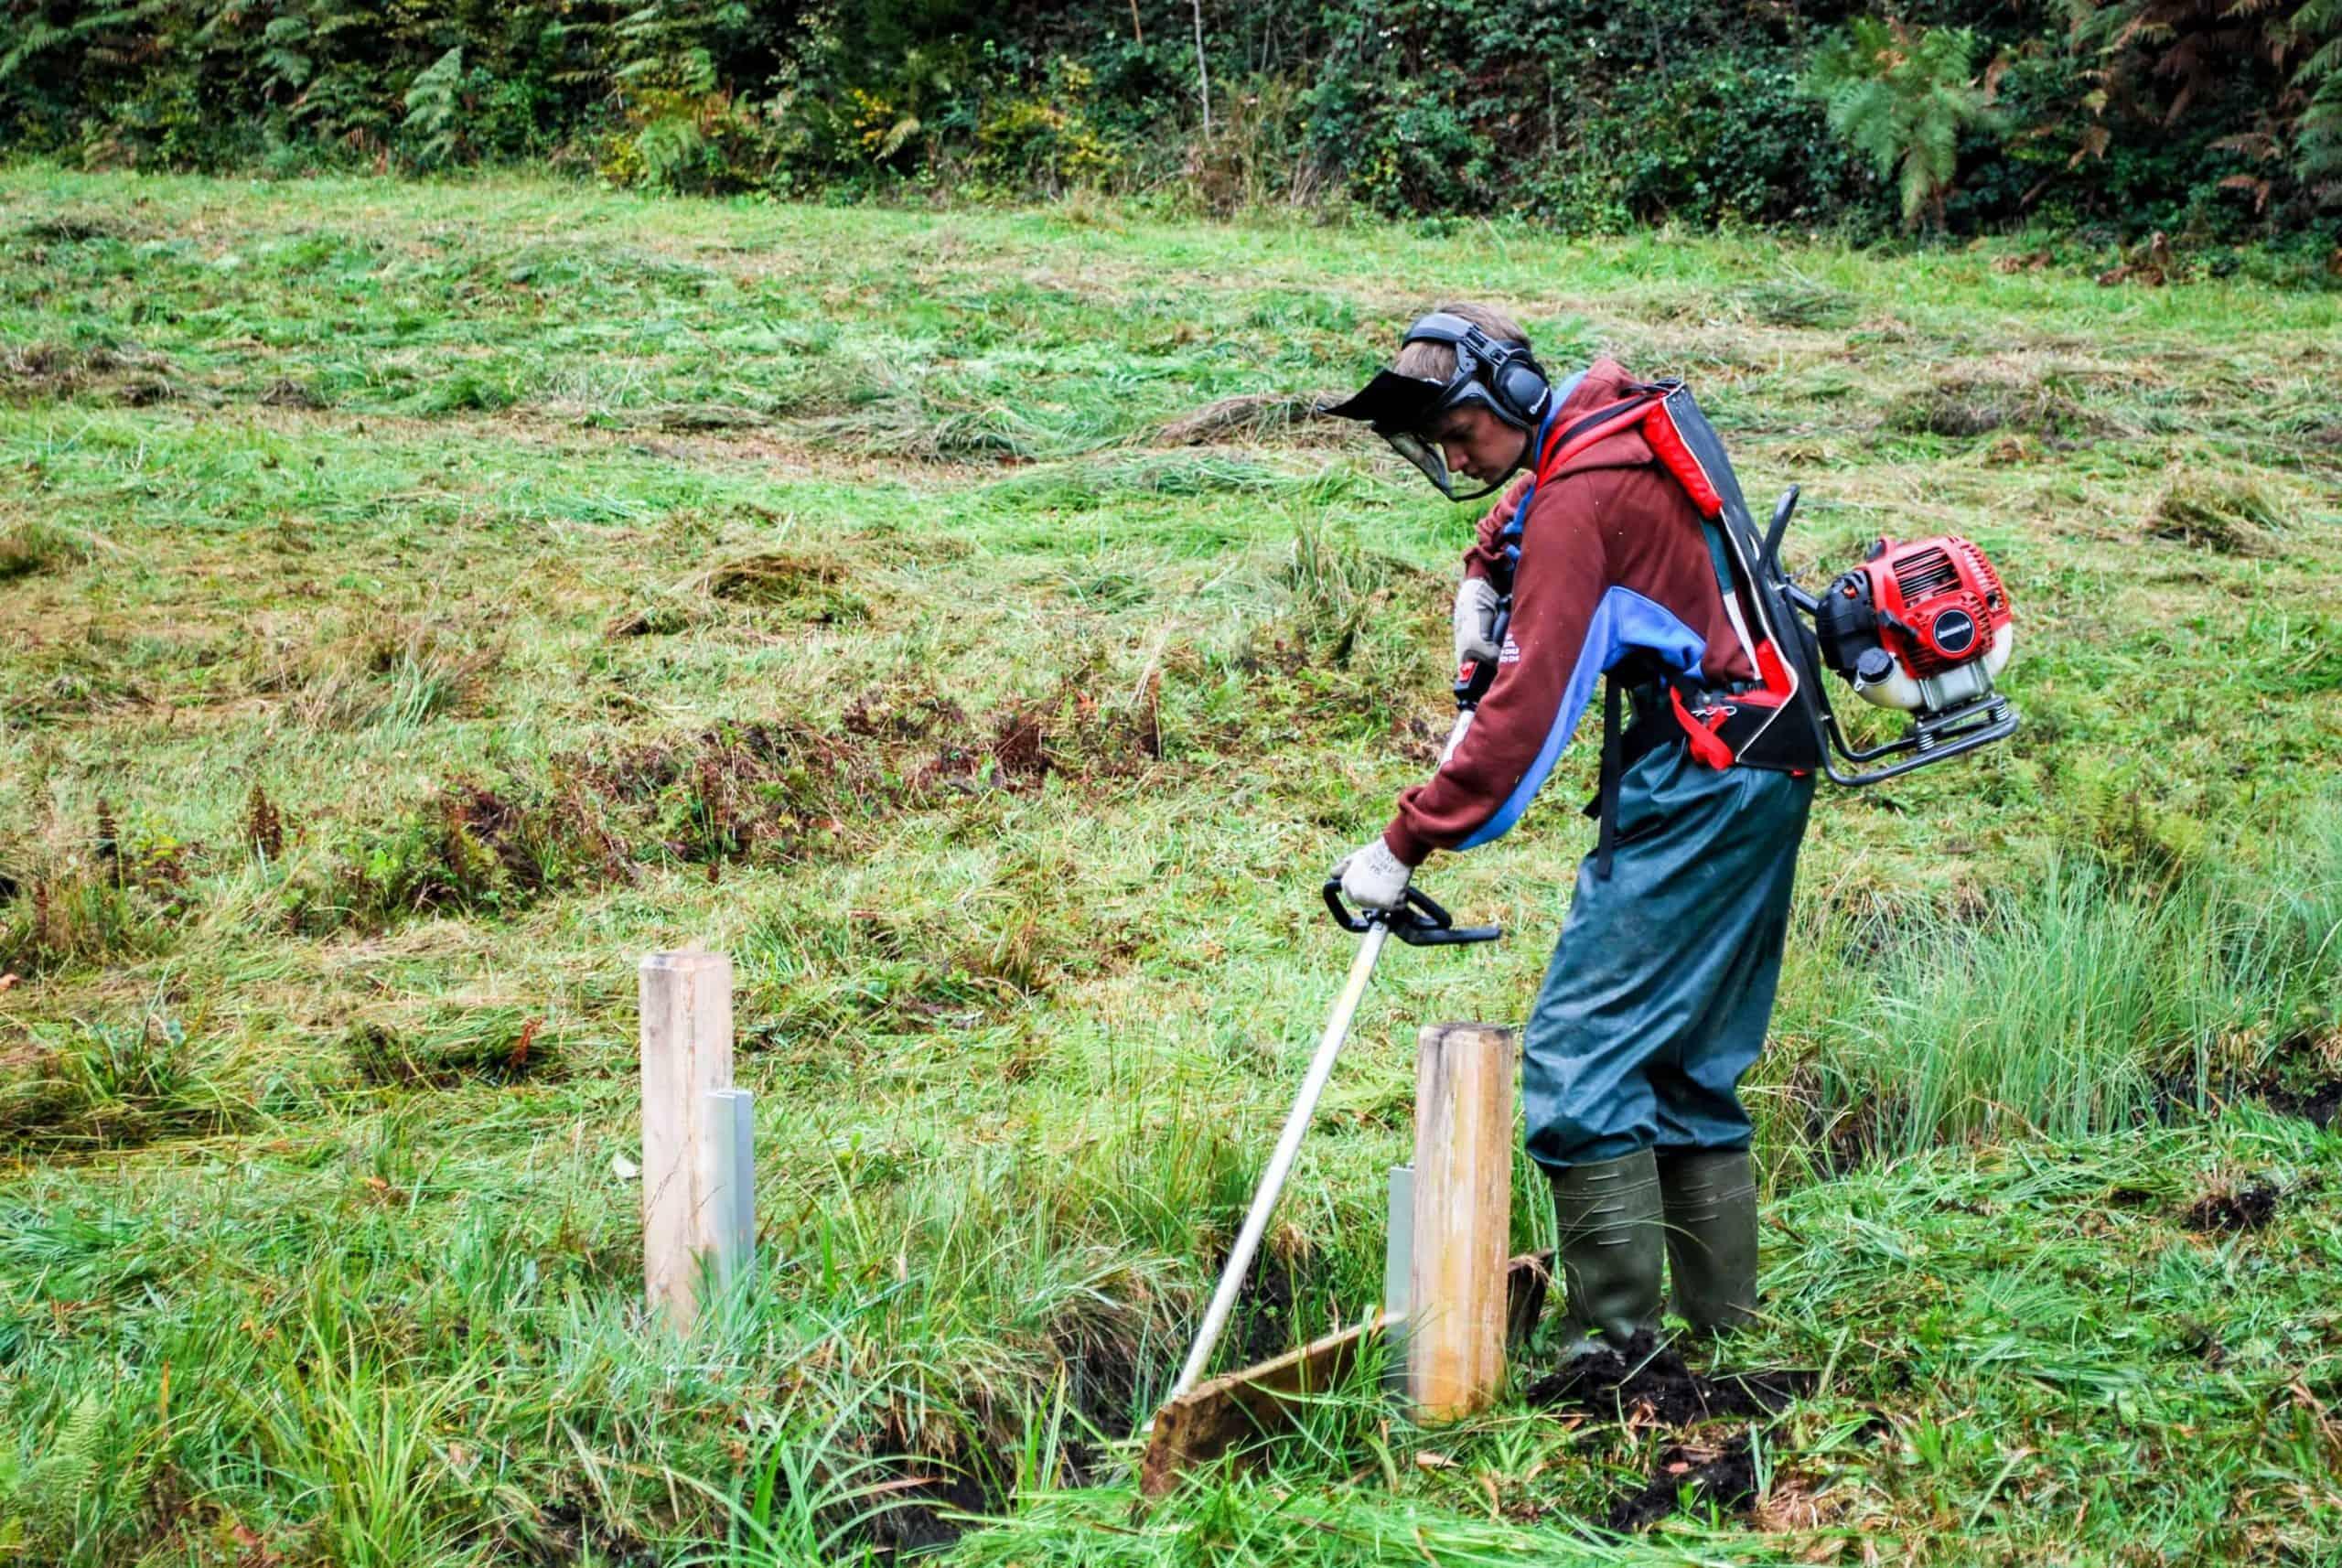 Stiftung Lebensraum Linthebene: Zivildienst im Naturschutz 5